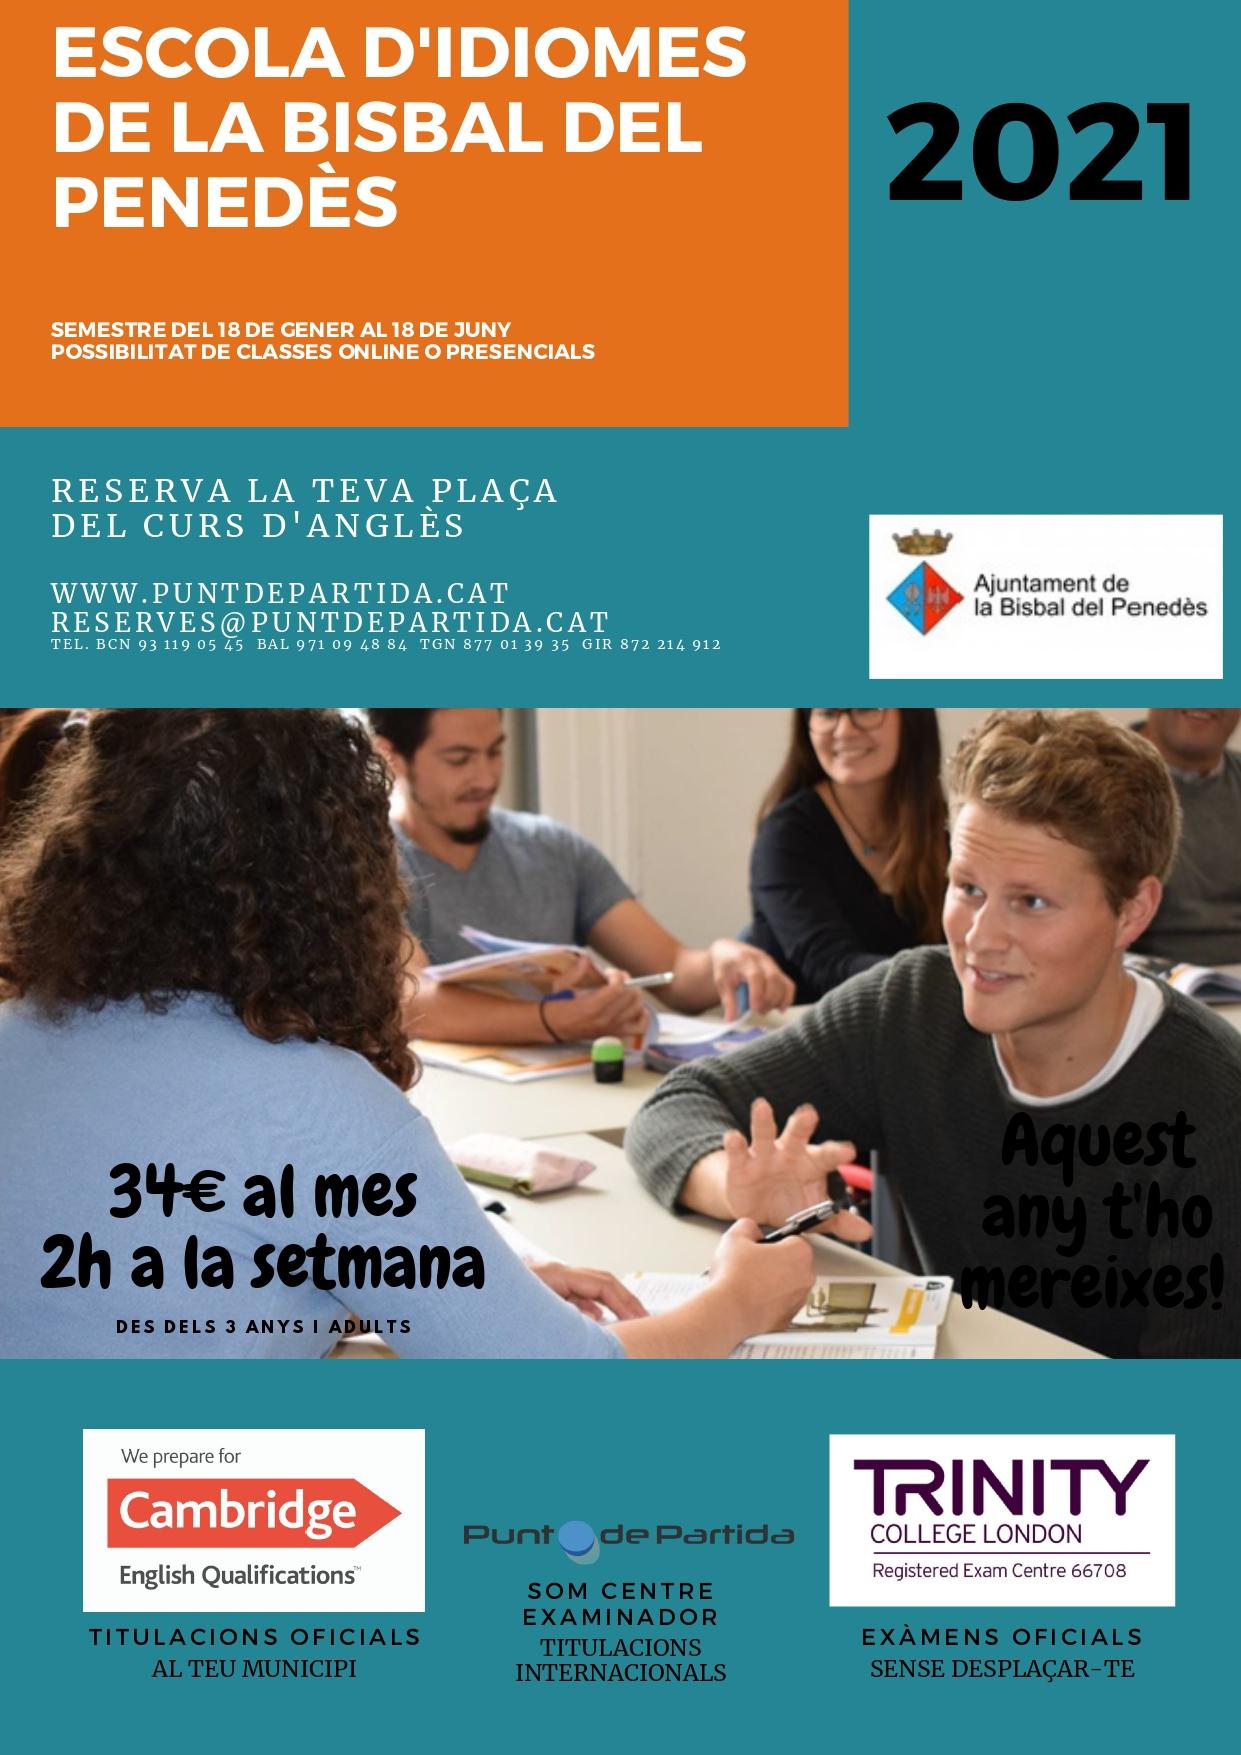 Aquest 2021 podeu aprendre anglès a l'Escola d'Idiomes de La Bisbal del Penedès